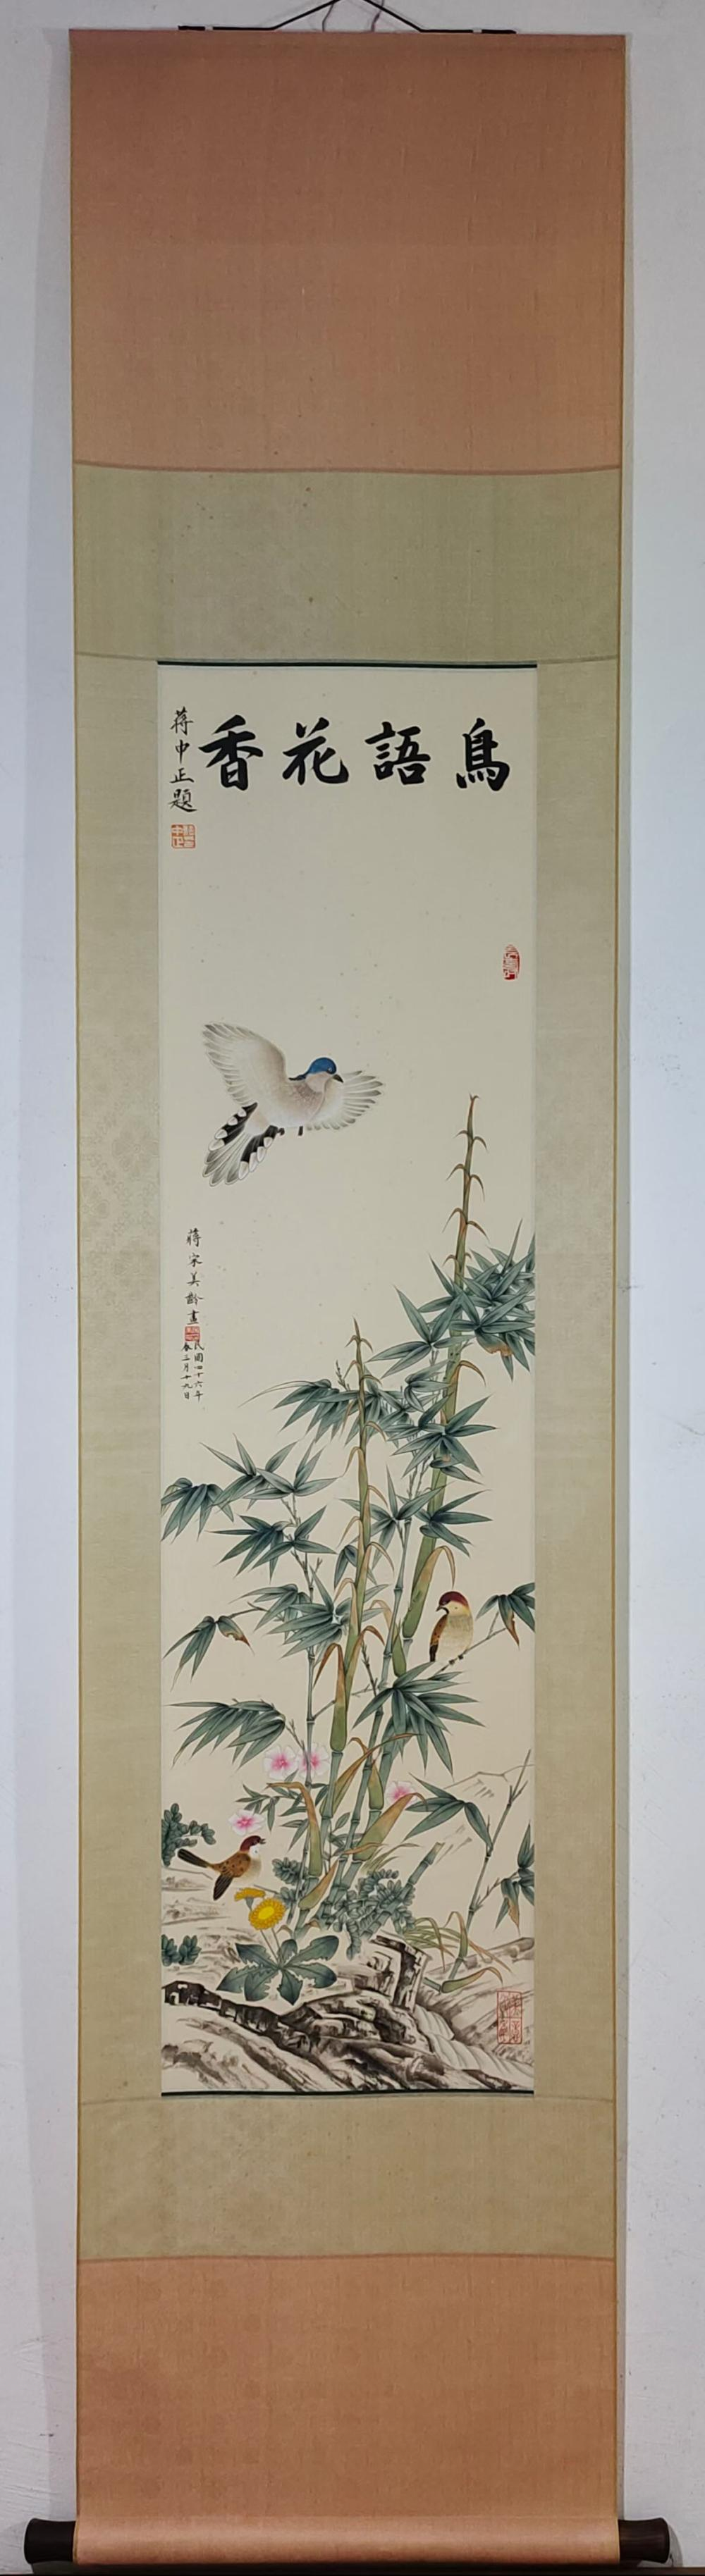 BIRDS FLOWERS SCROLL